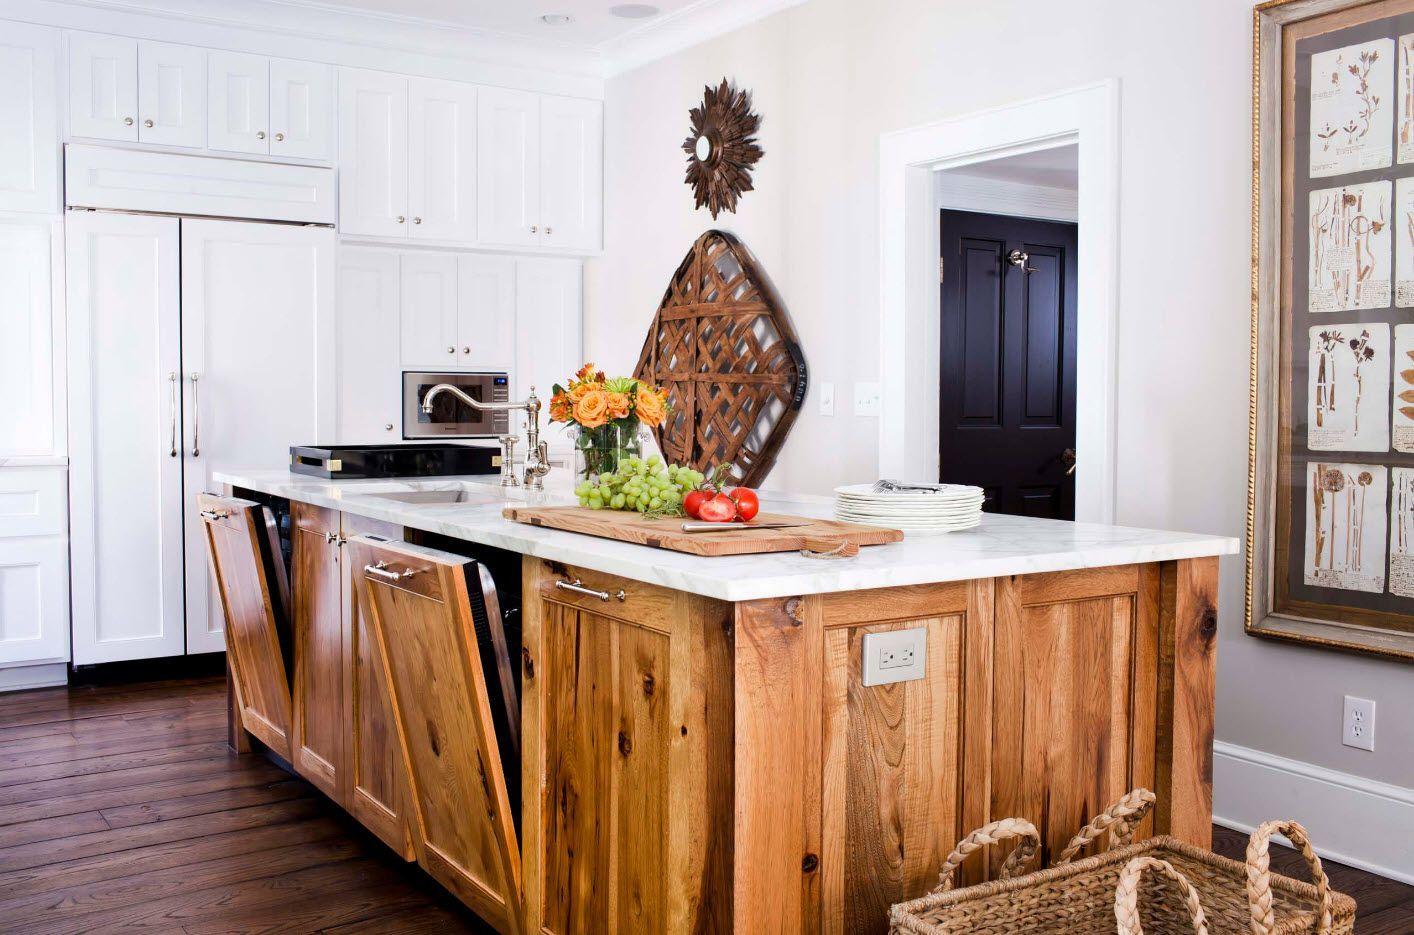 Kitchen Fashion Trends & Interior Design Ideas 2017. Totally wooden island